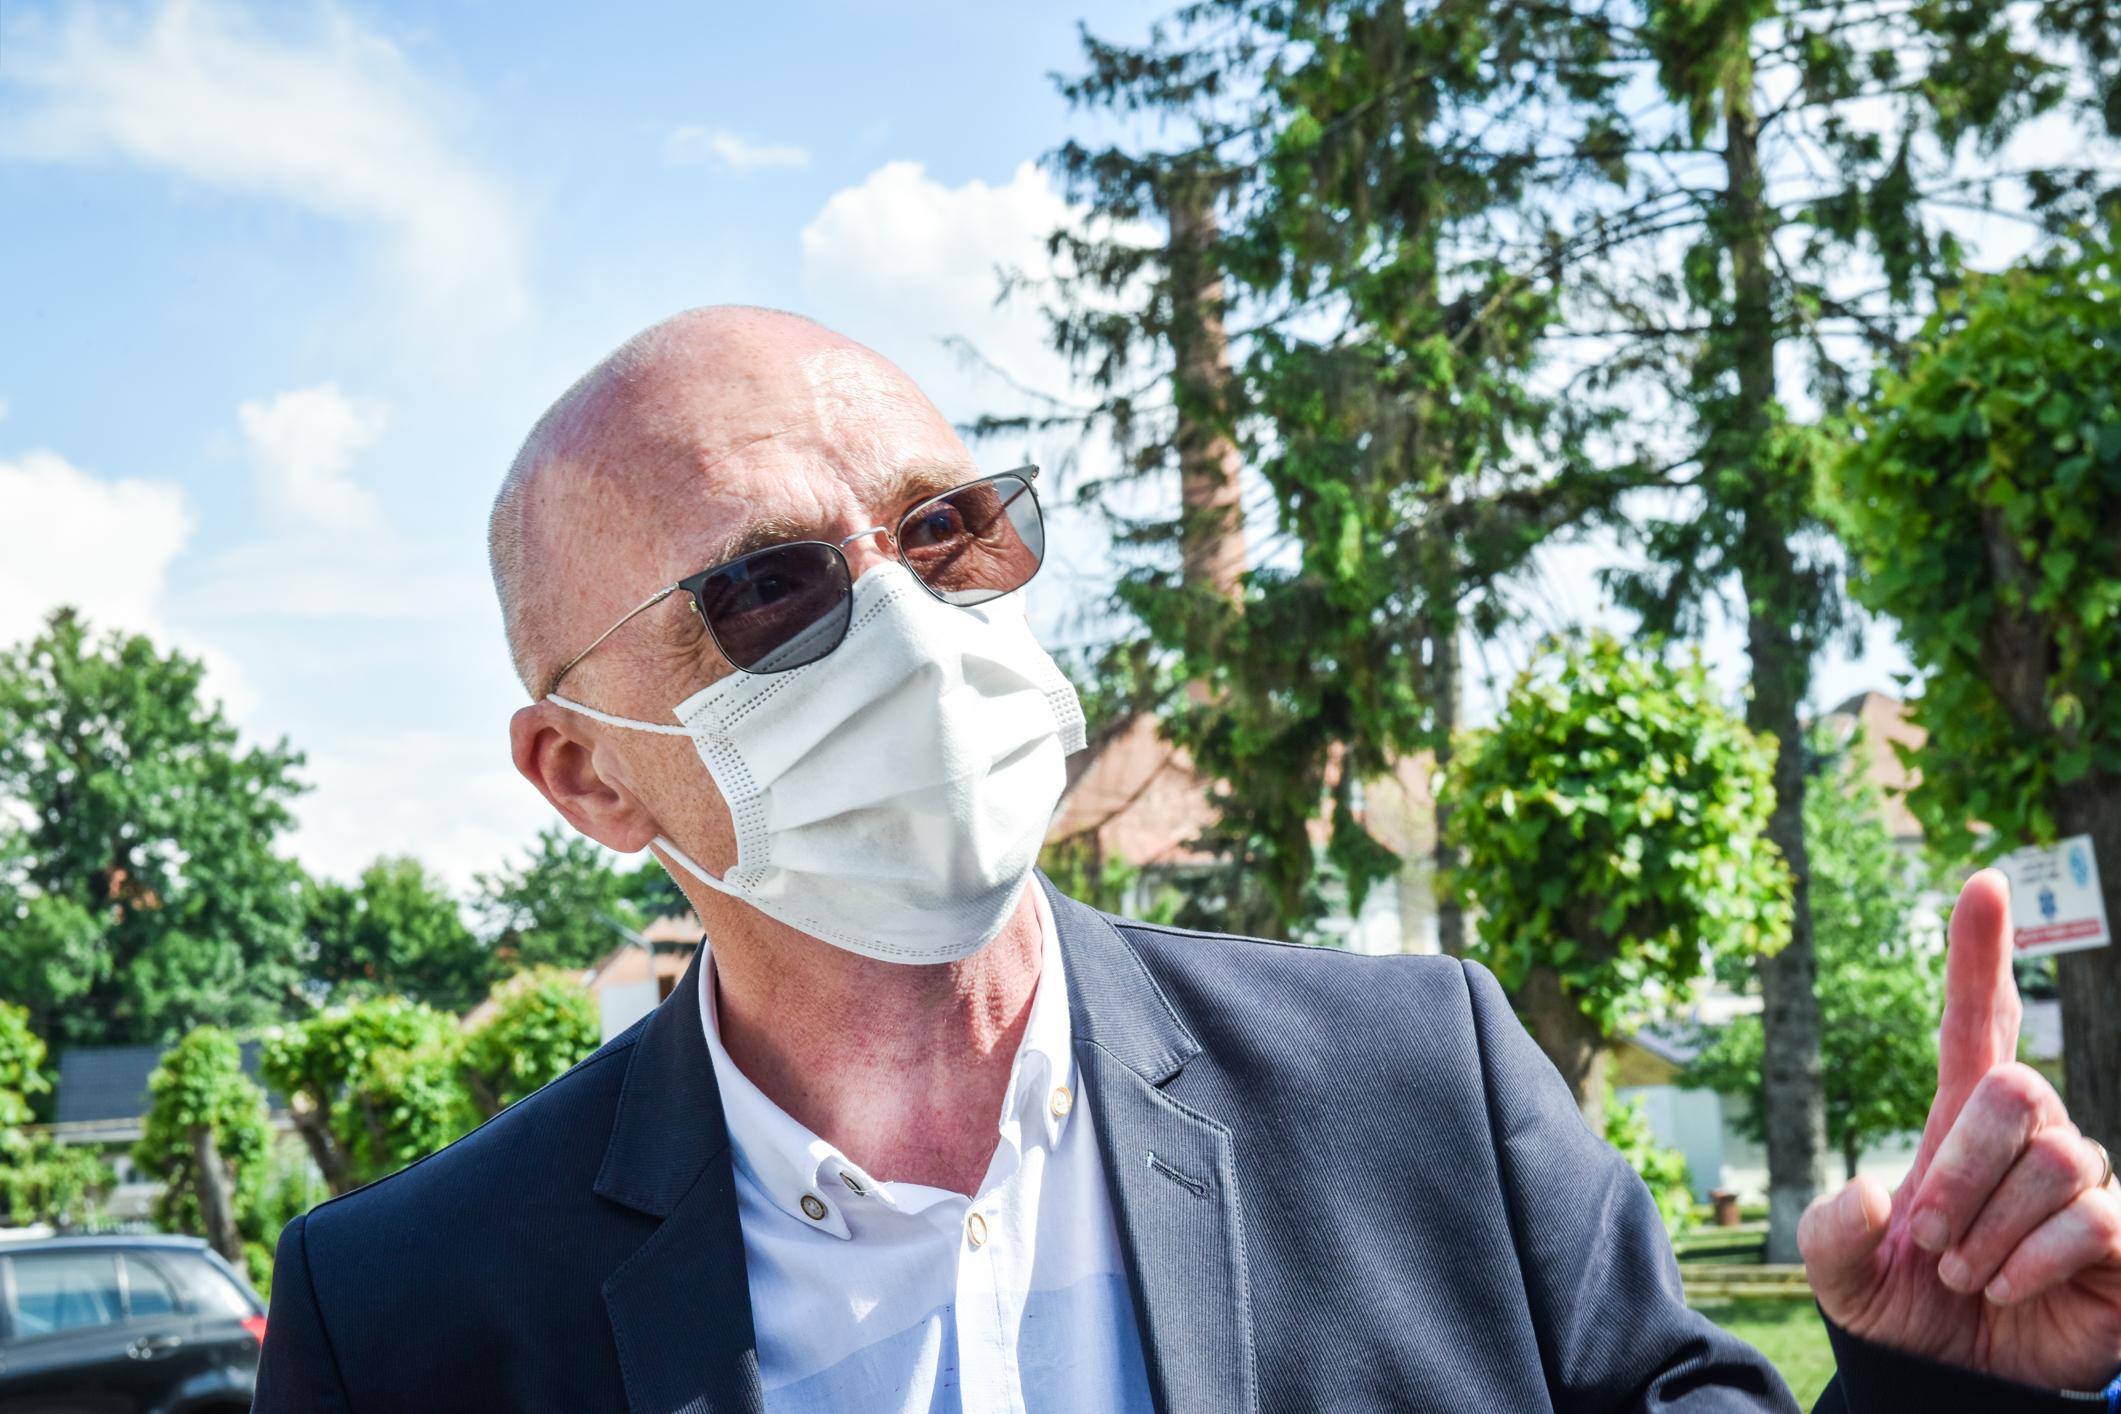 Medicul Călin Cipăian este singurul candidat pentru postul de director medical al Spitalului Județean Sibiu